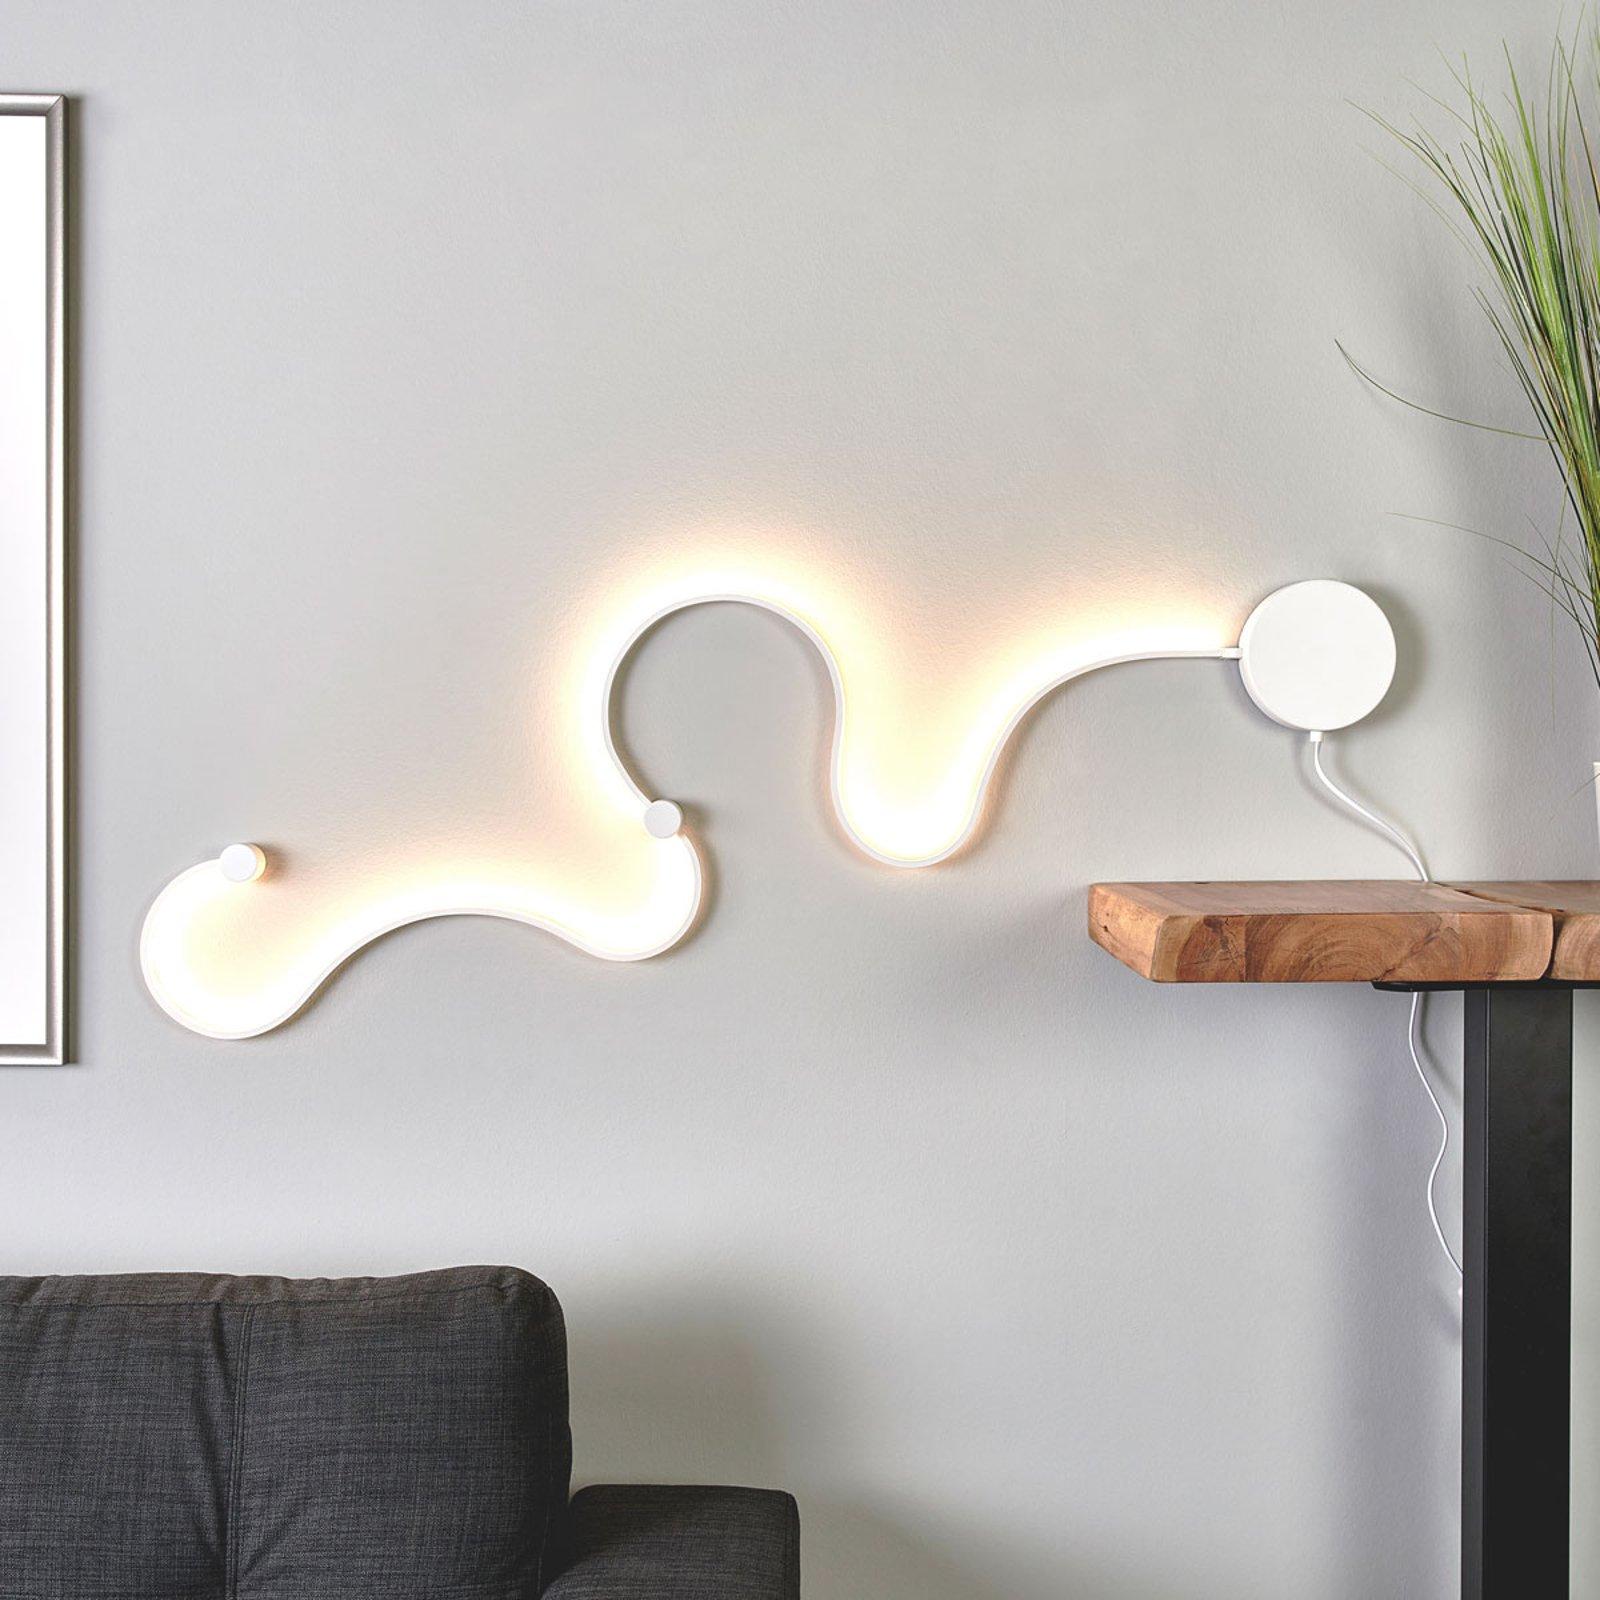 Sandor - LED-vegglampe med enestående lys